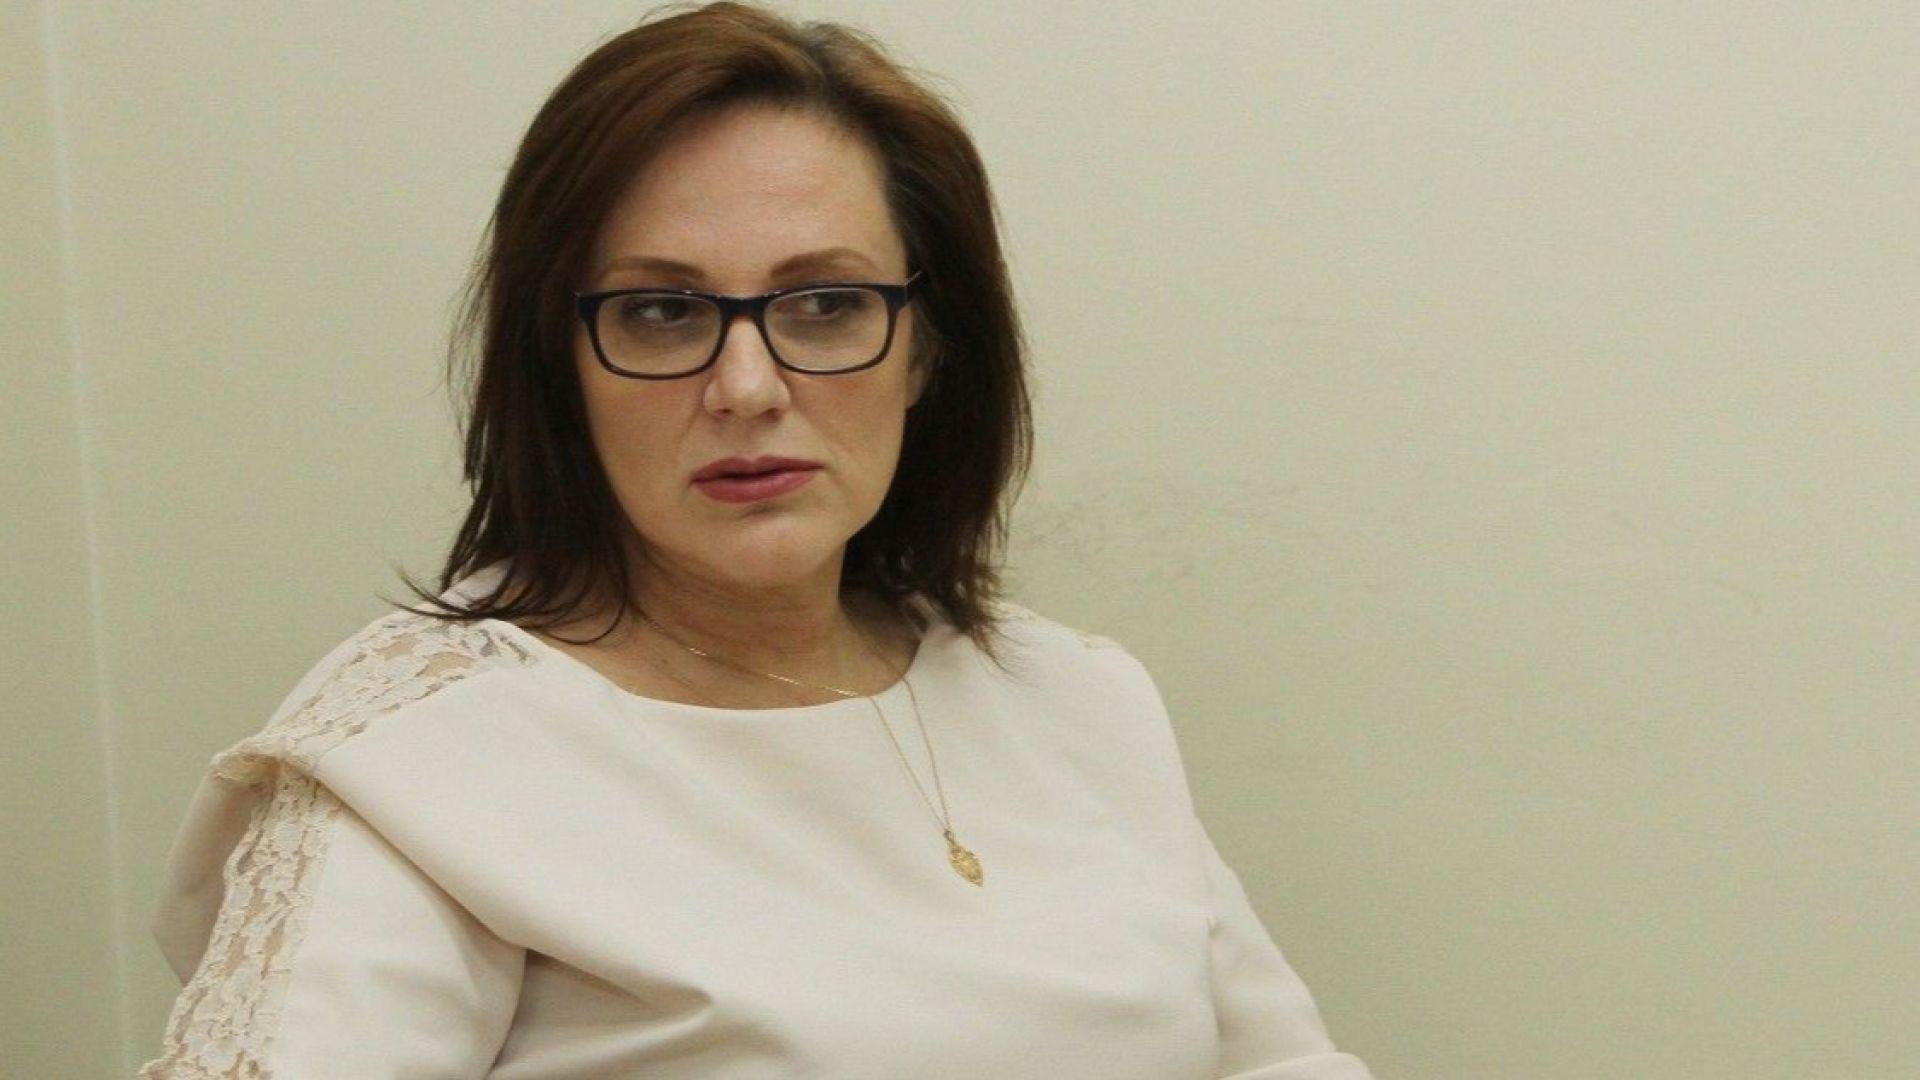 Директорката на Курило обвини Спешна помощ в отказ да изпрати линейка